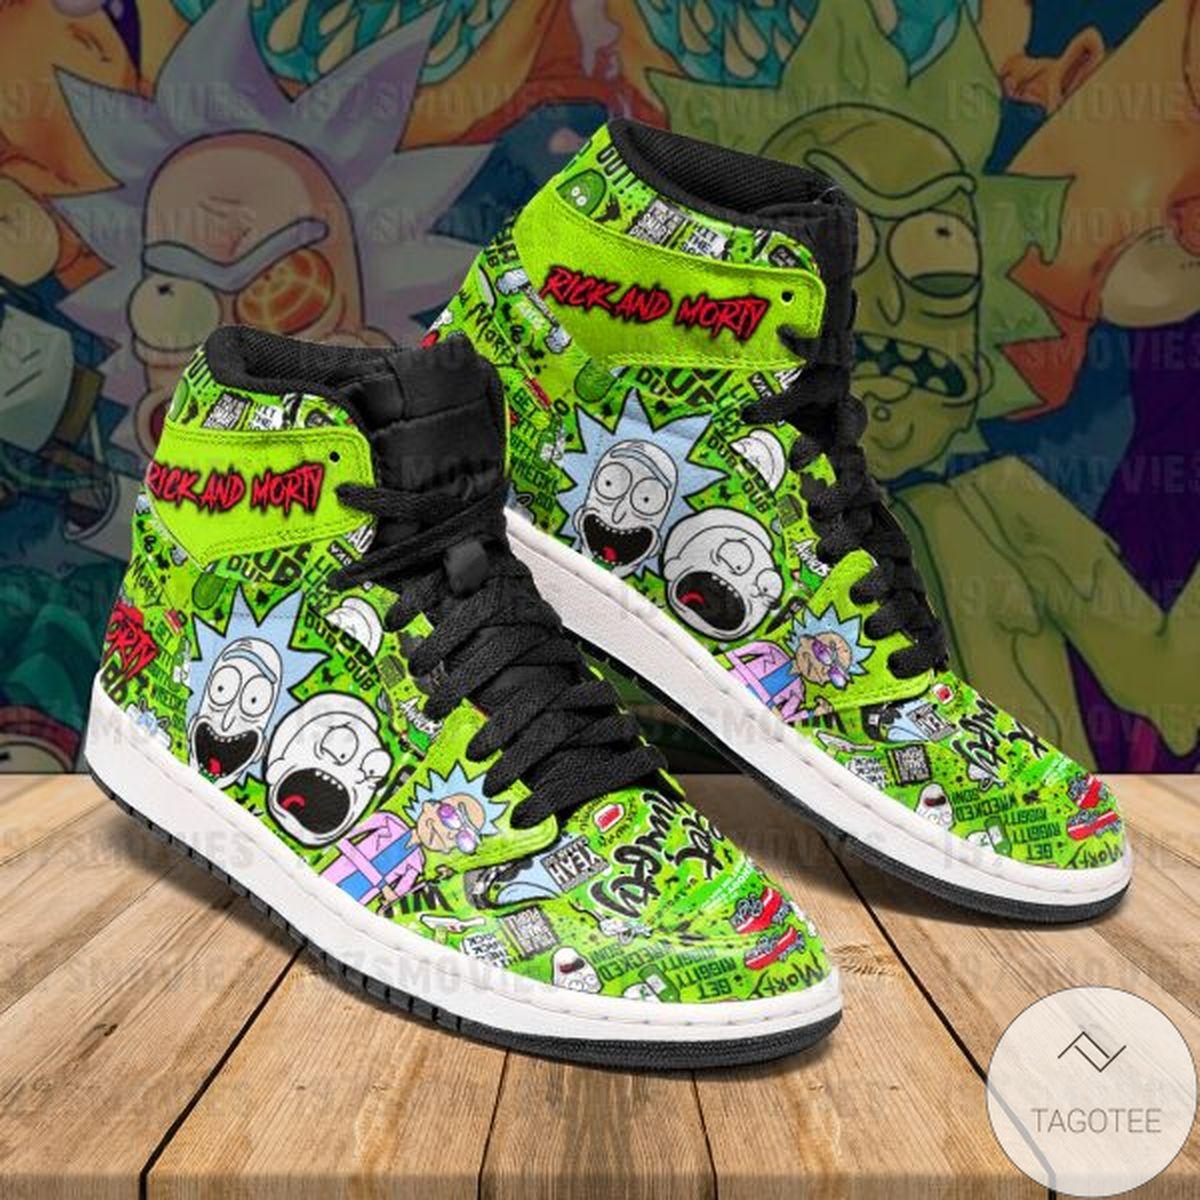 Rick and Morty Sneaker Air Jordan High Top Shoes